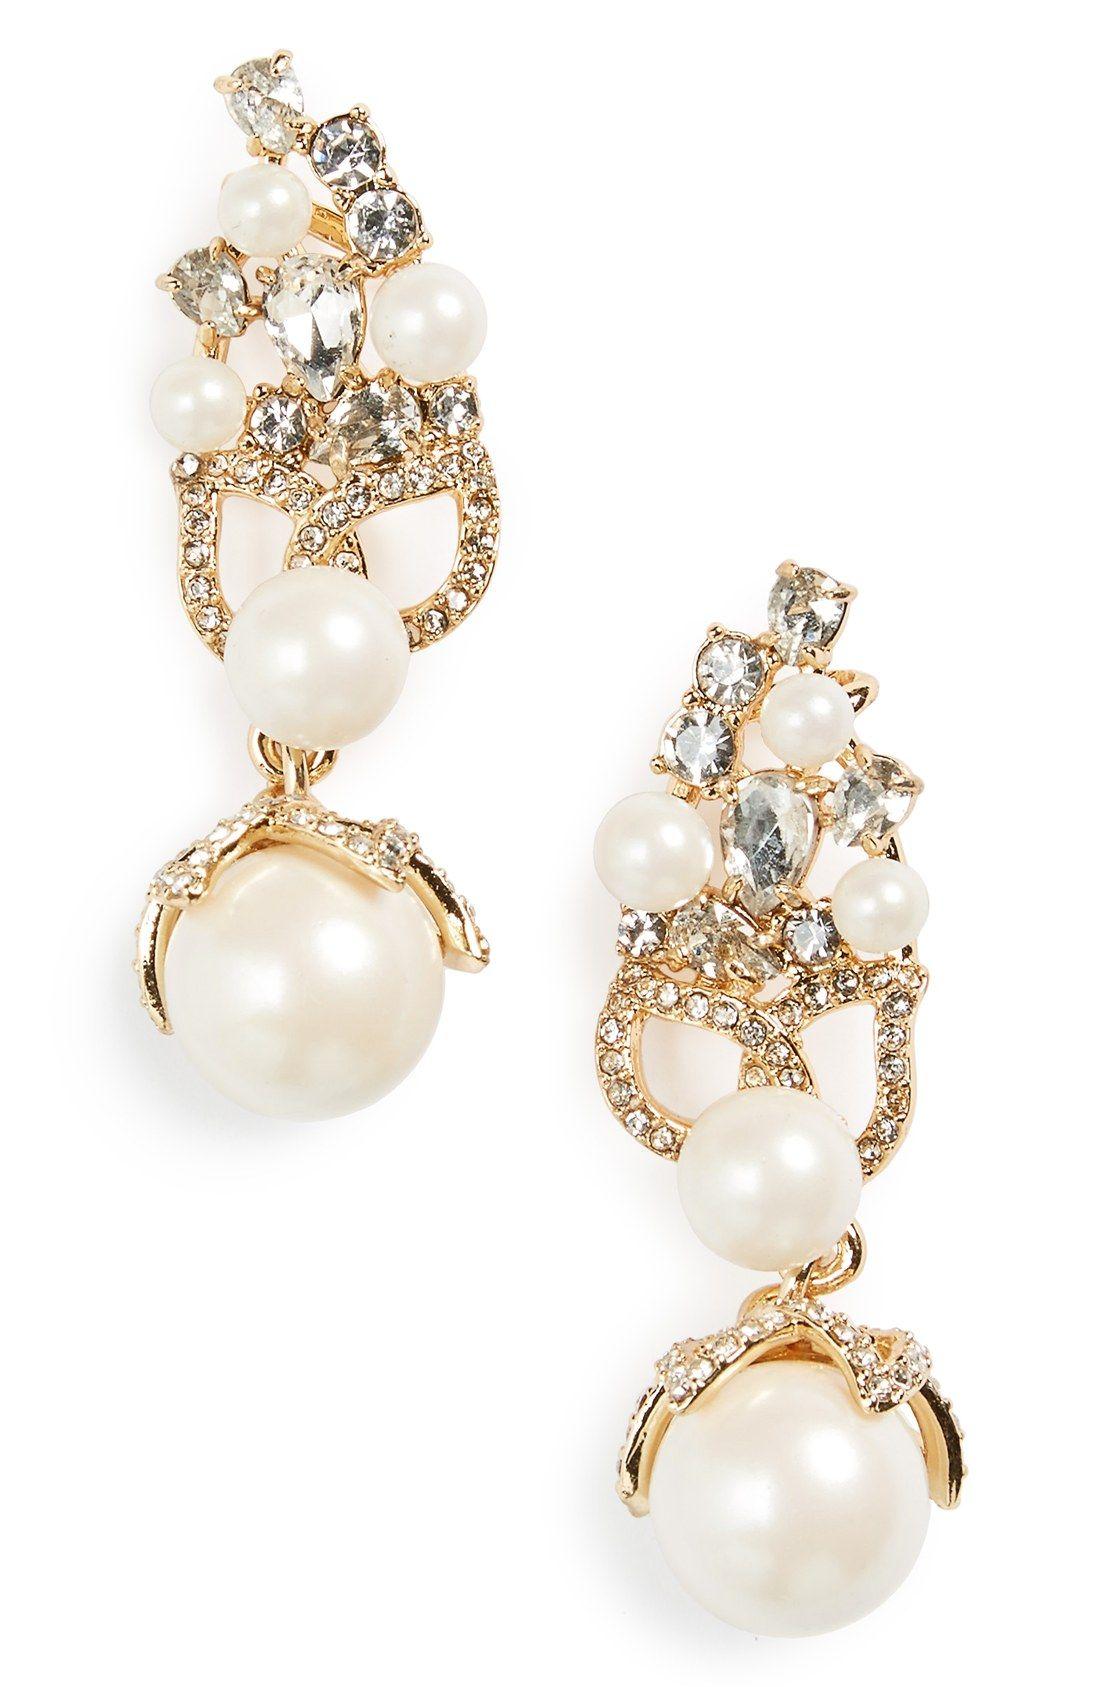 Bouquet Faux Pearl Drop Ear Crawlers Kate Spade Wedding Earrings